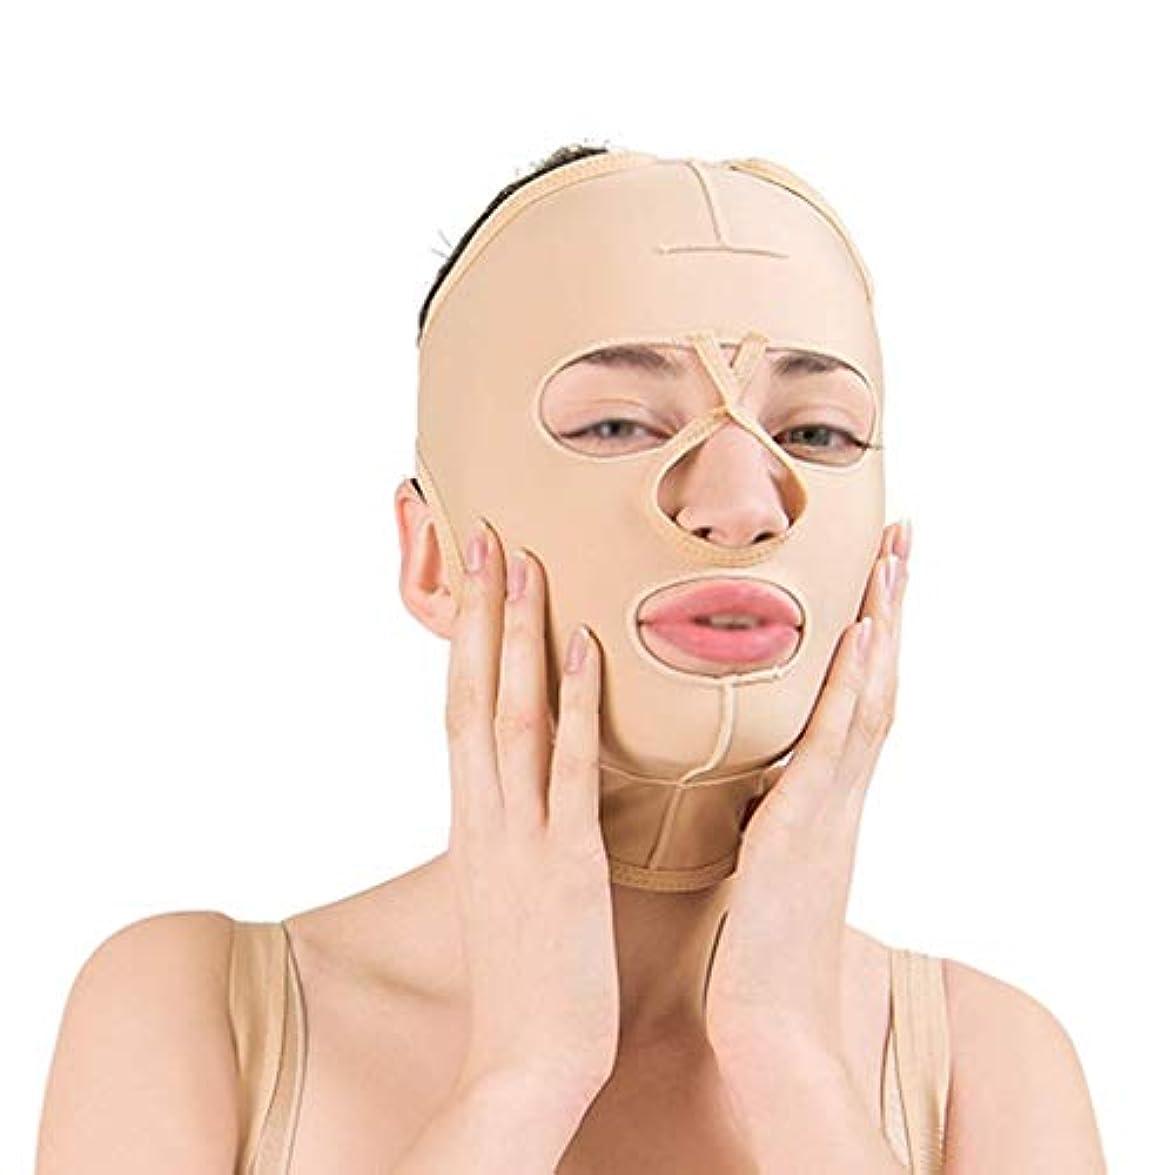 ビートレイプ反対したフェイススリミングマスク、フェイスバンデージ付きフェイシャル減量マスク、通気性フェイスリフト、引き締め、フェイスリフティング(サイズ:L),XL